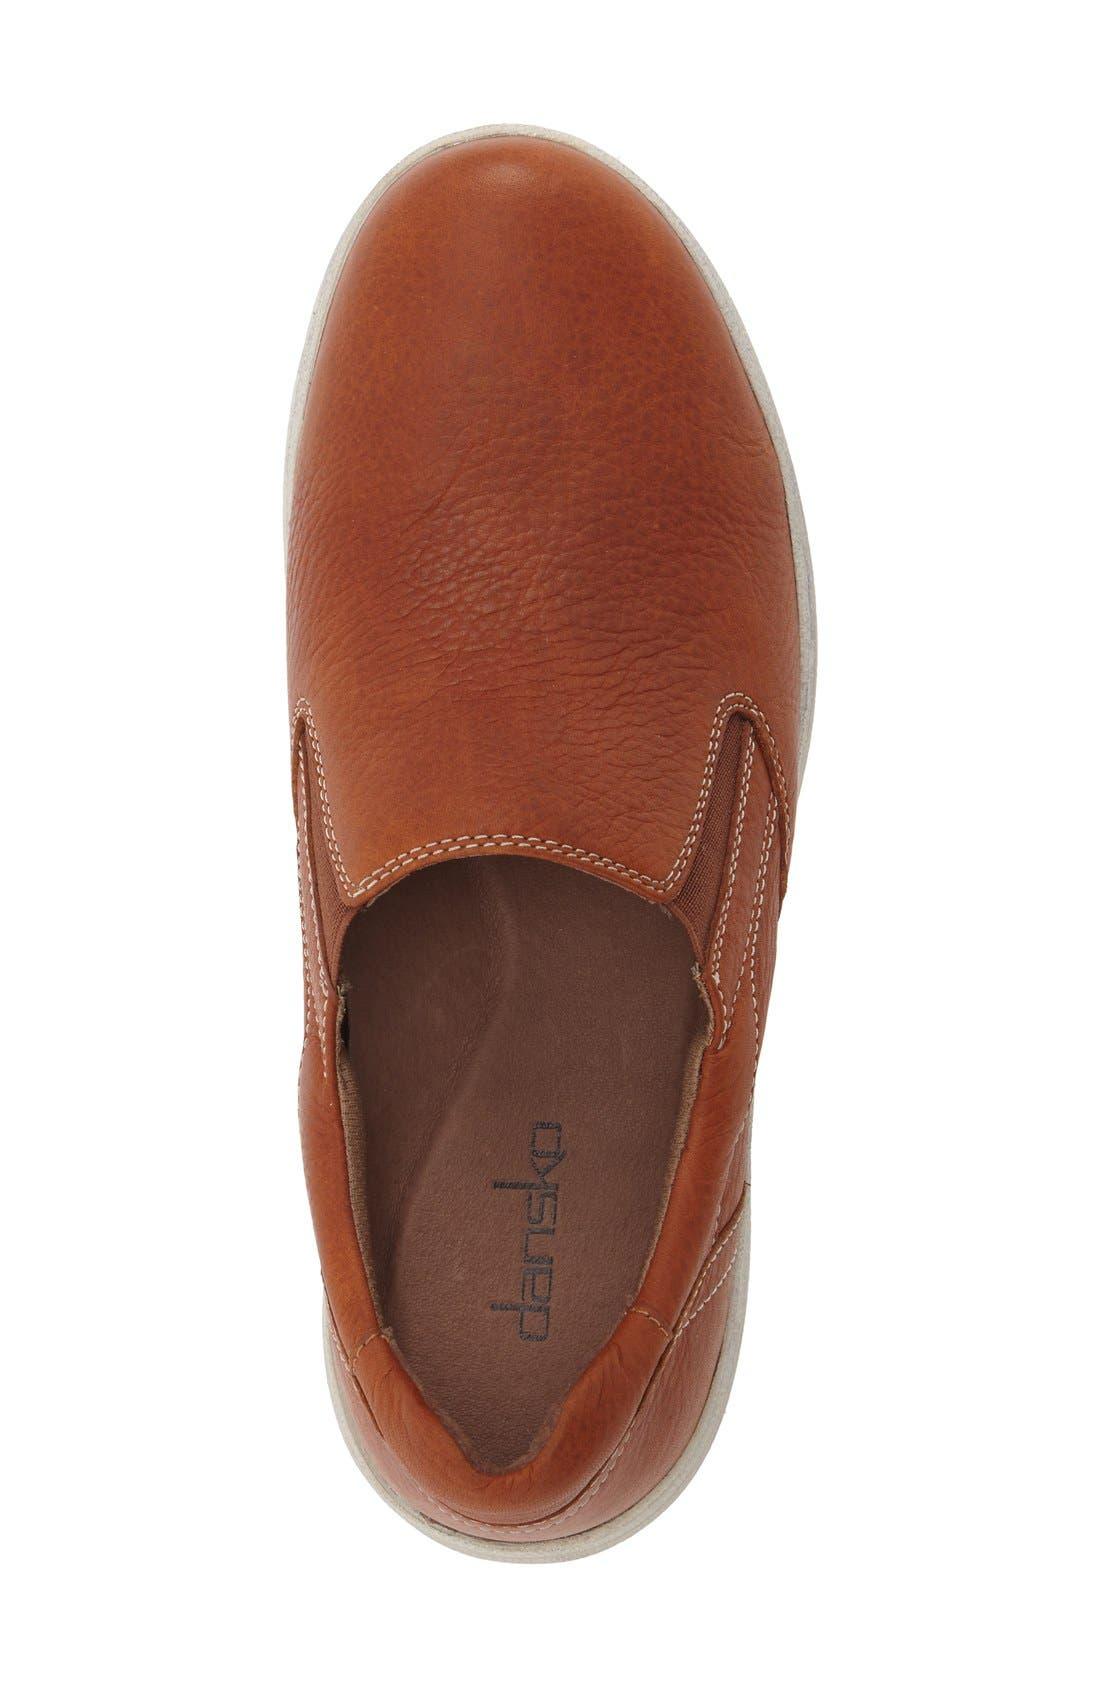 Alternate Image 3  - Dansko 'Viktor' Water Resistant Slip-On Sneaker (Men)